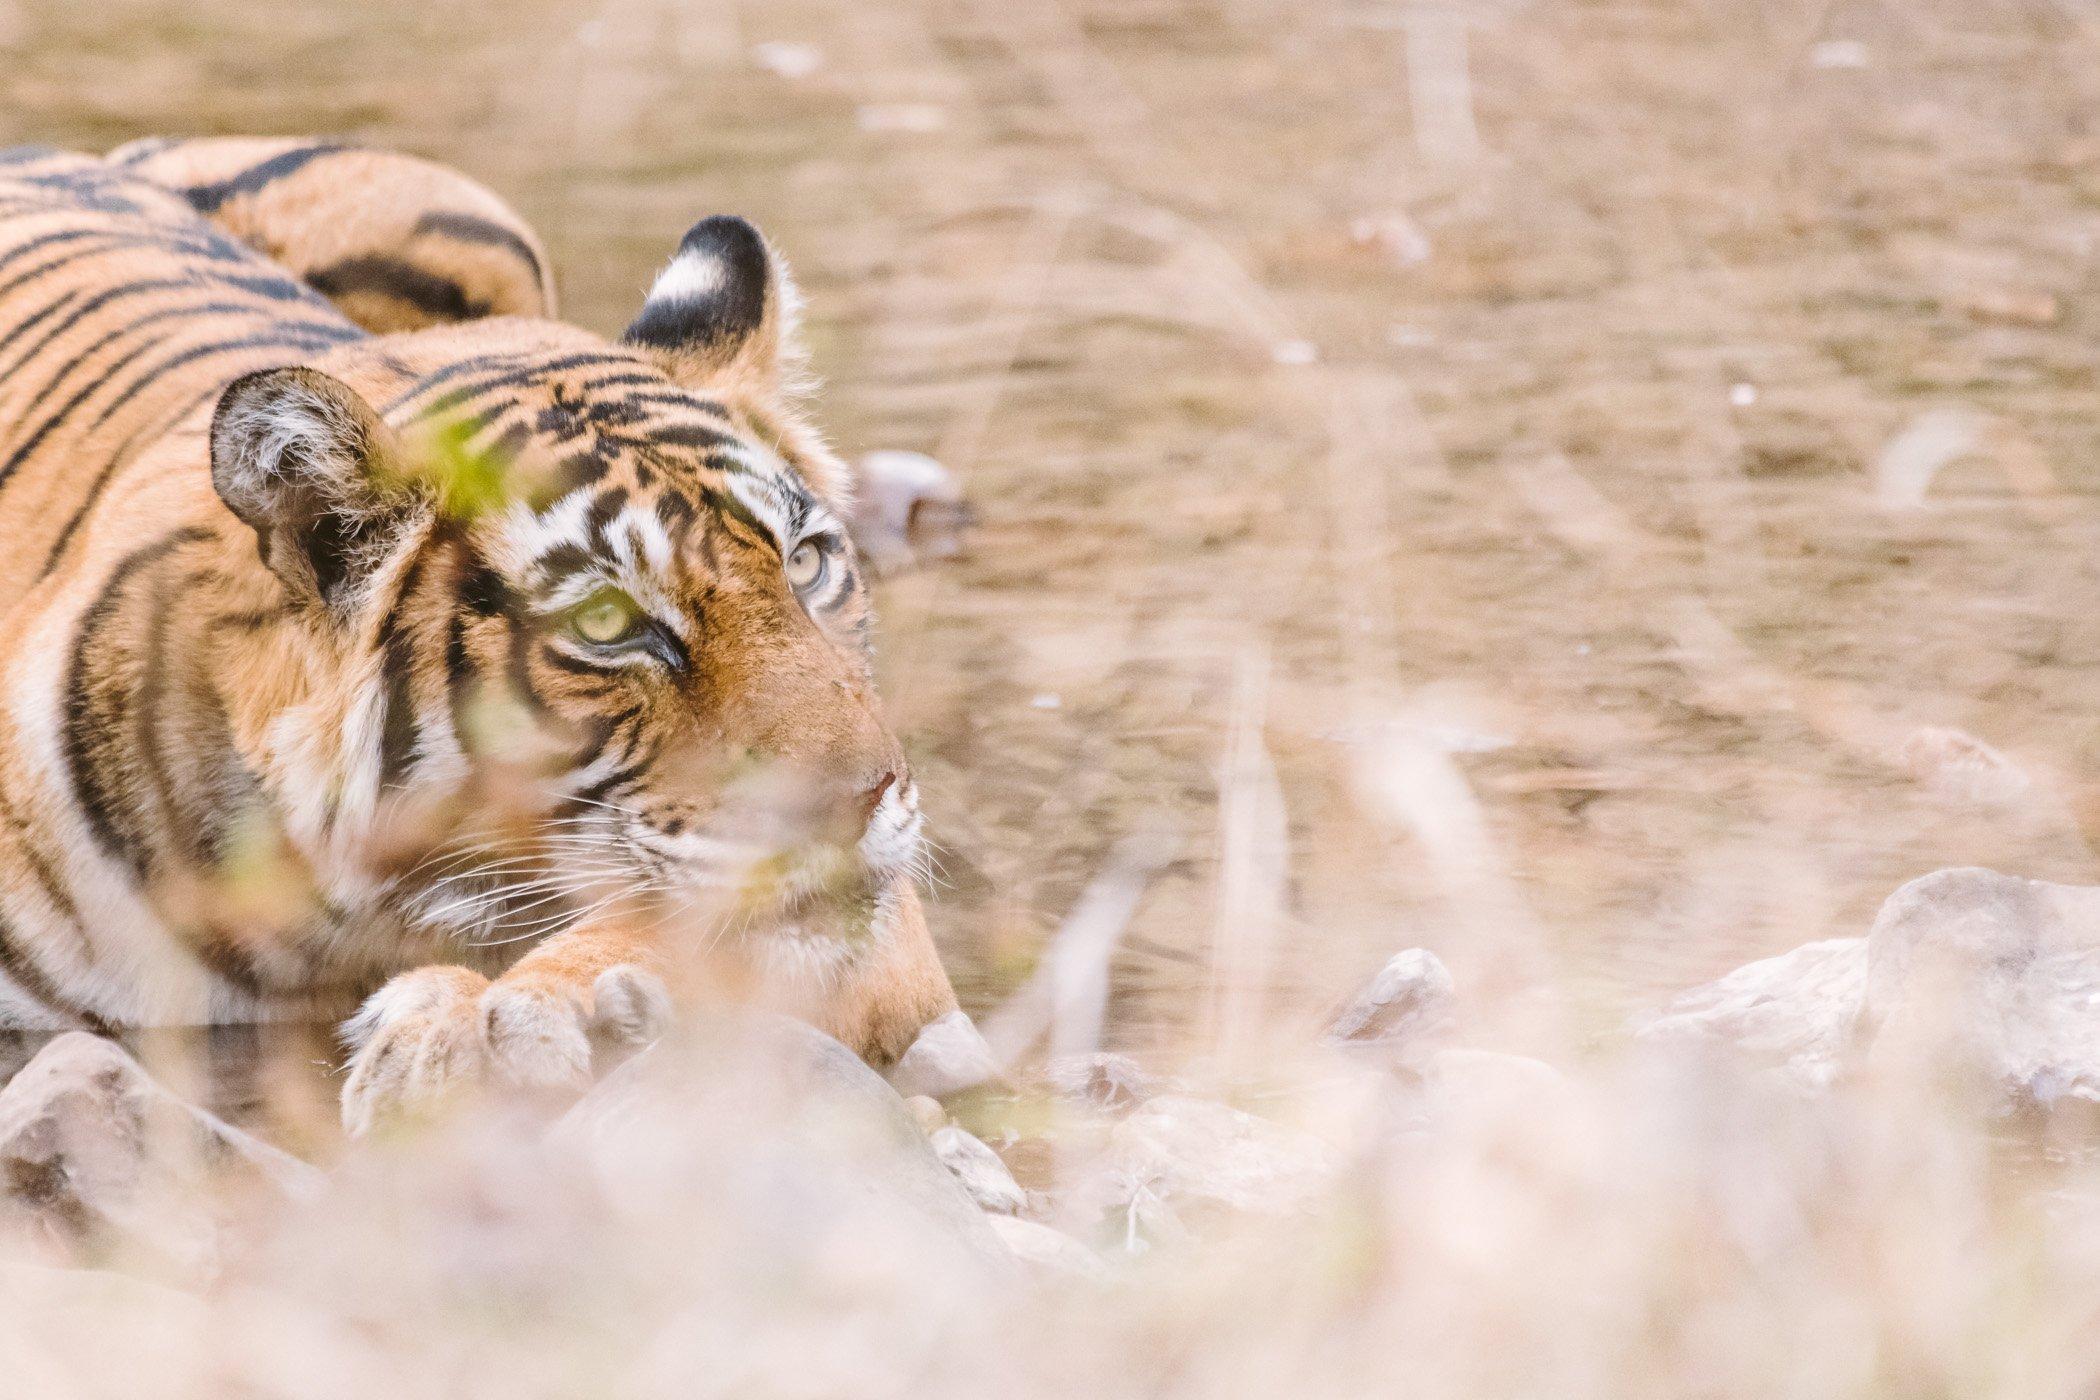 Tiger Safari in Rajasthan India